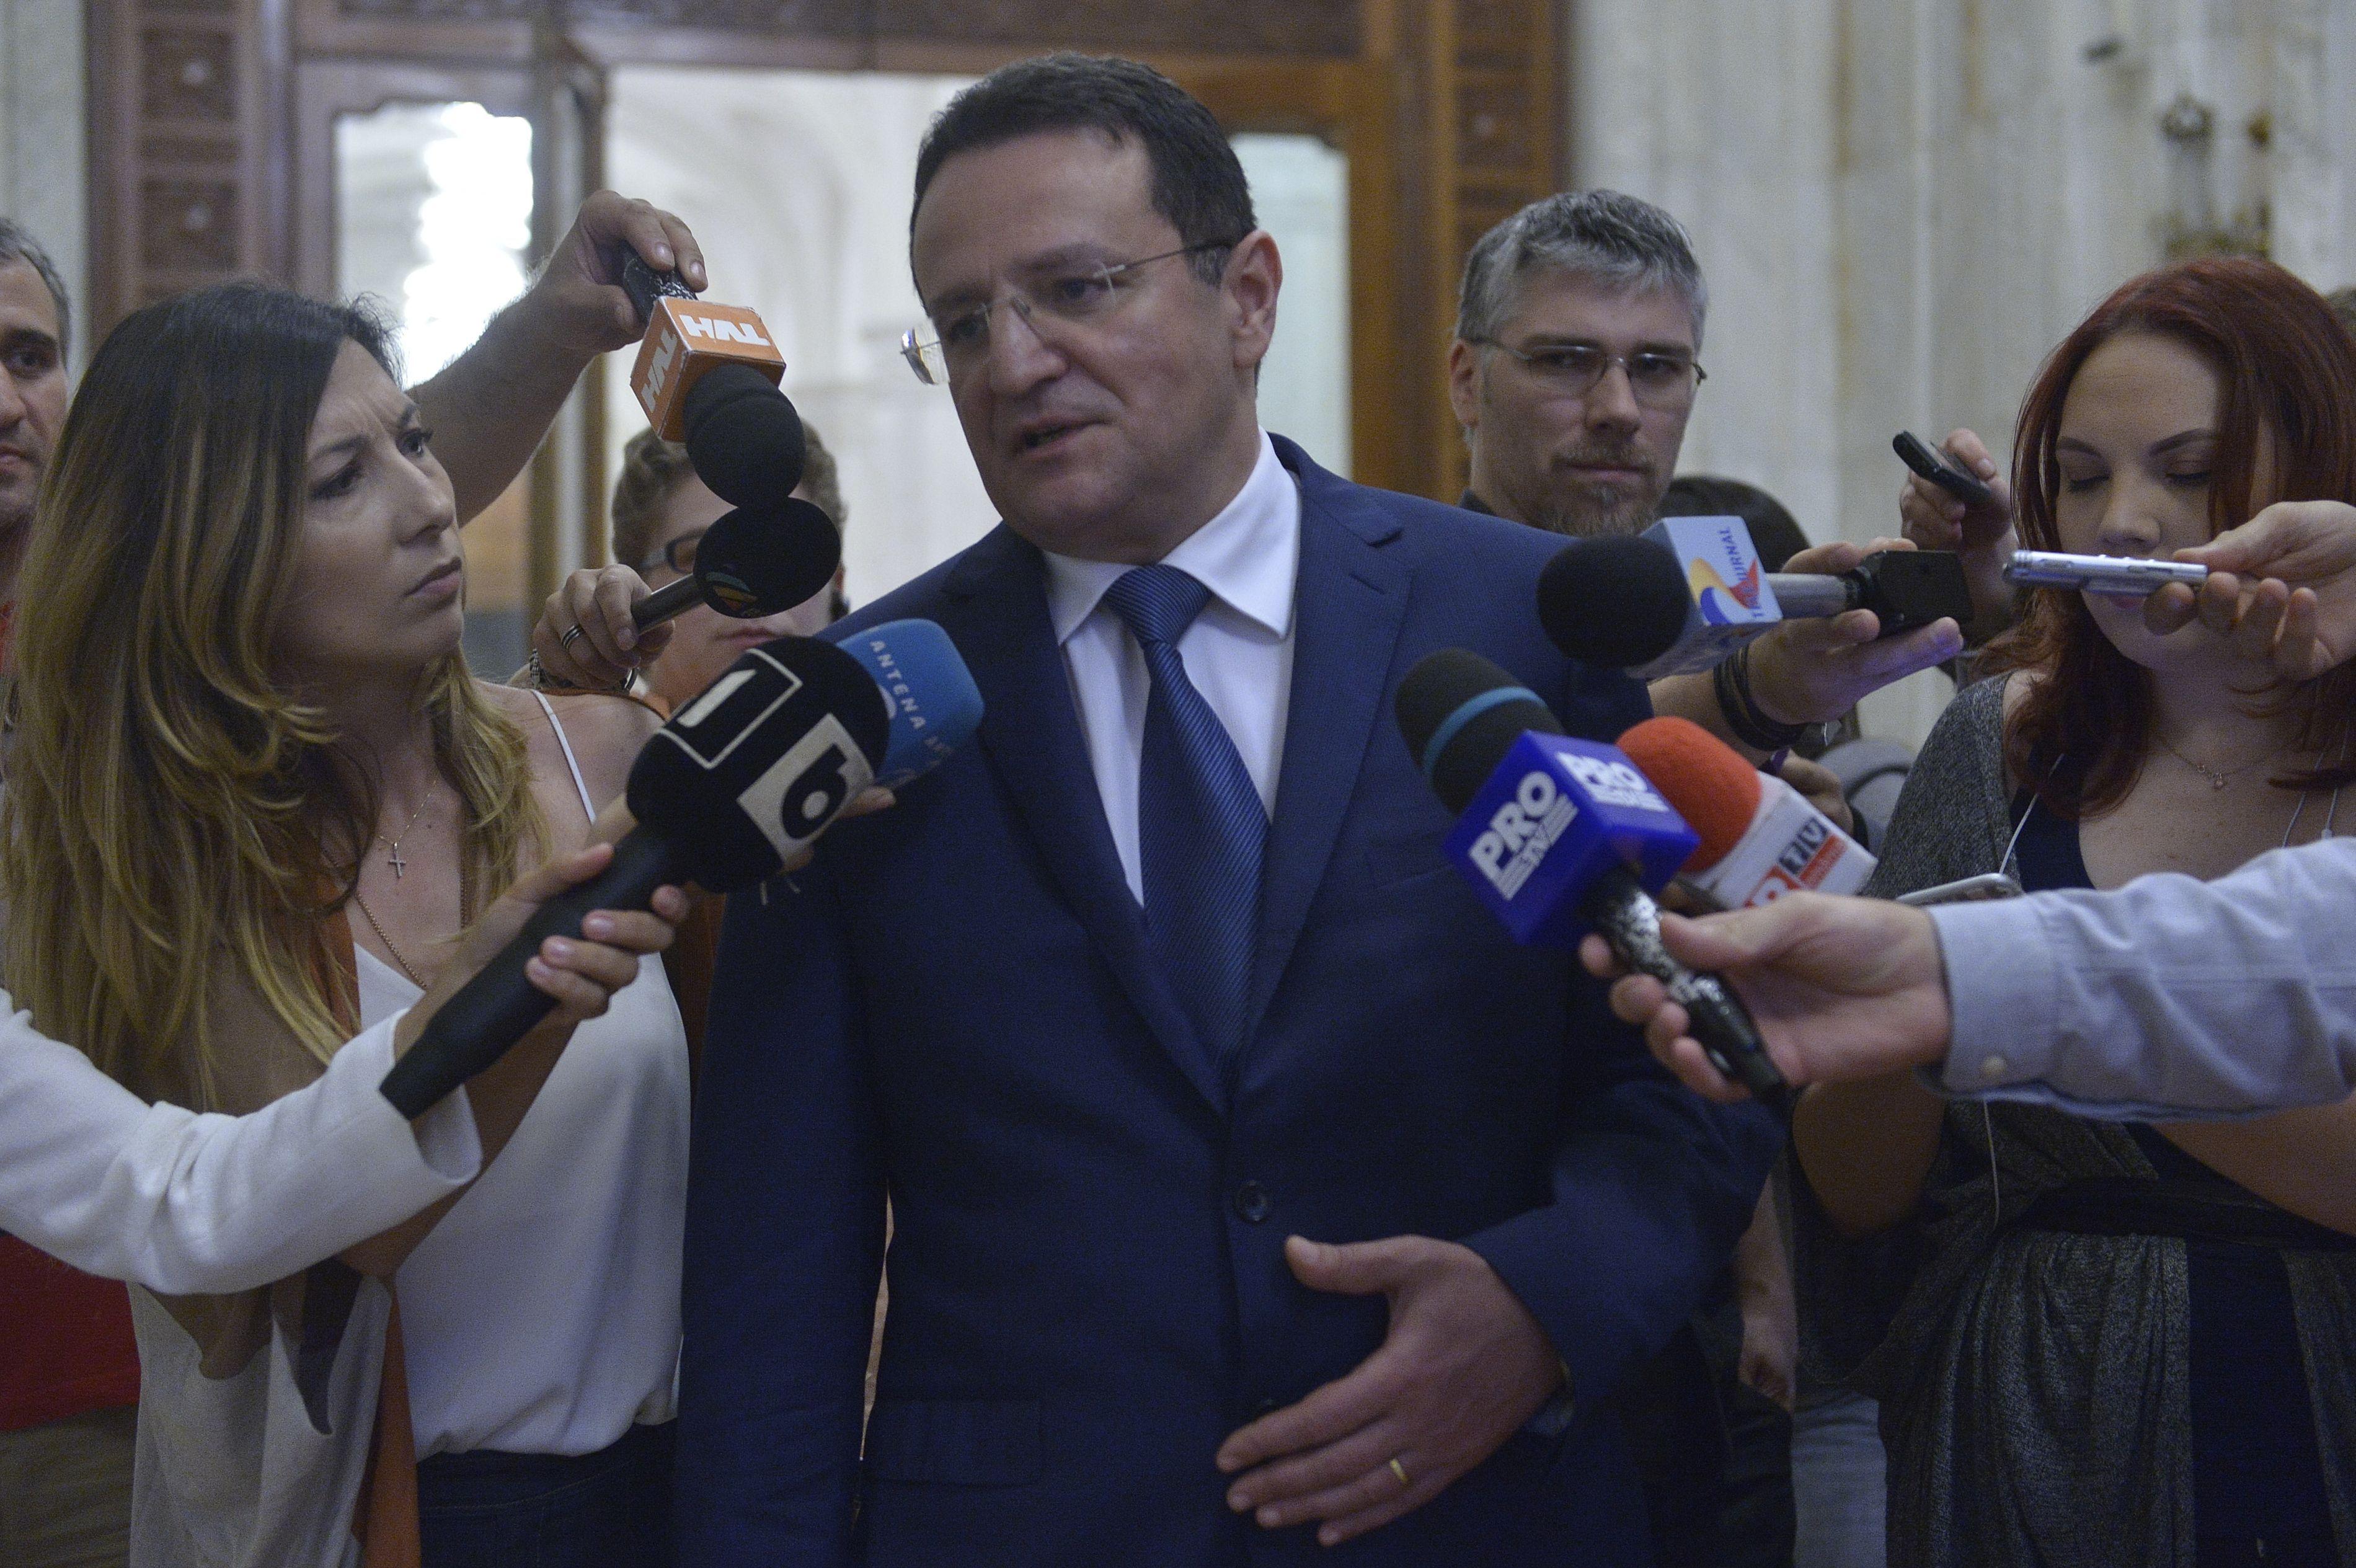 Fostul şef al Serviciului de Informaţii, George Maior, este audiat marţi în Comisia SRI